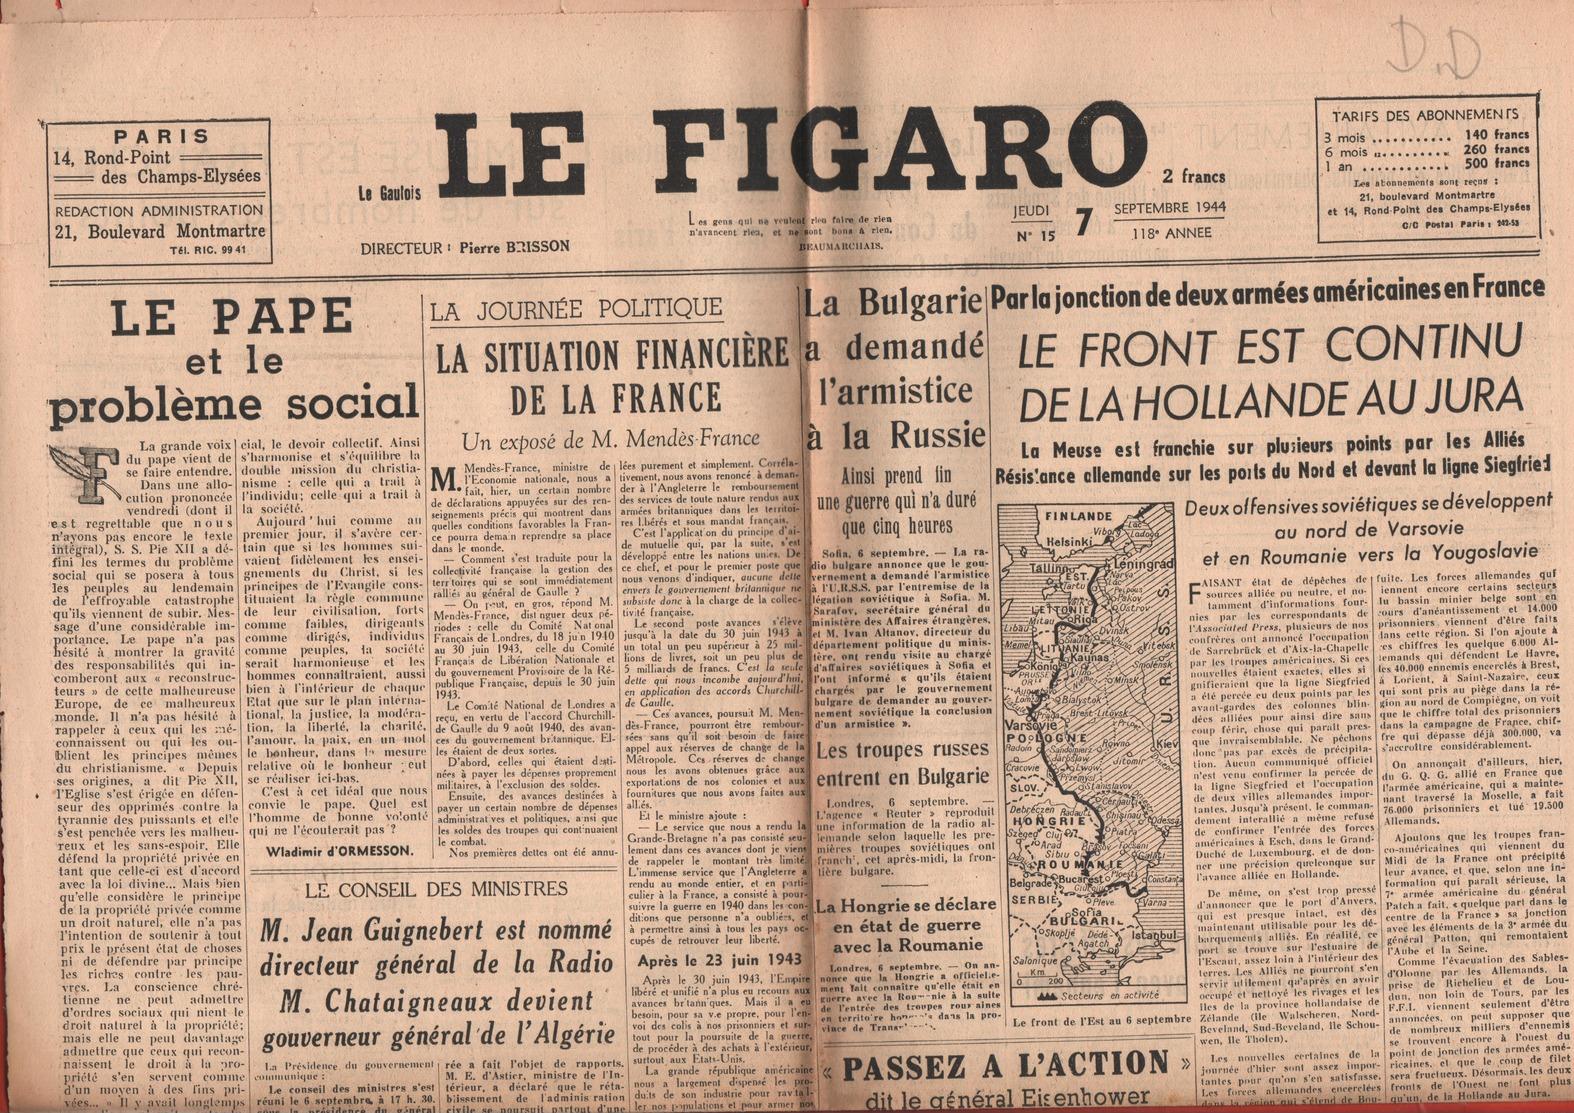 JOURNAL LE FIGARO - 7 SEPTEMBRE 1944 - LE FRONT EST CONTINU DE LA HOLLANDE AU JURA - Periódicos